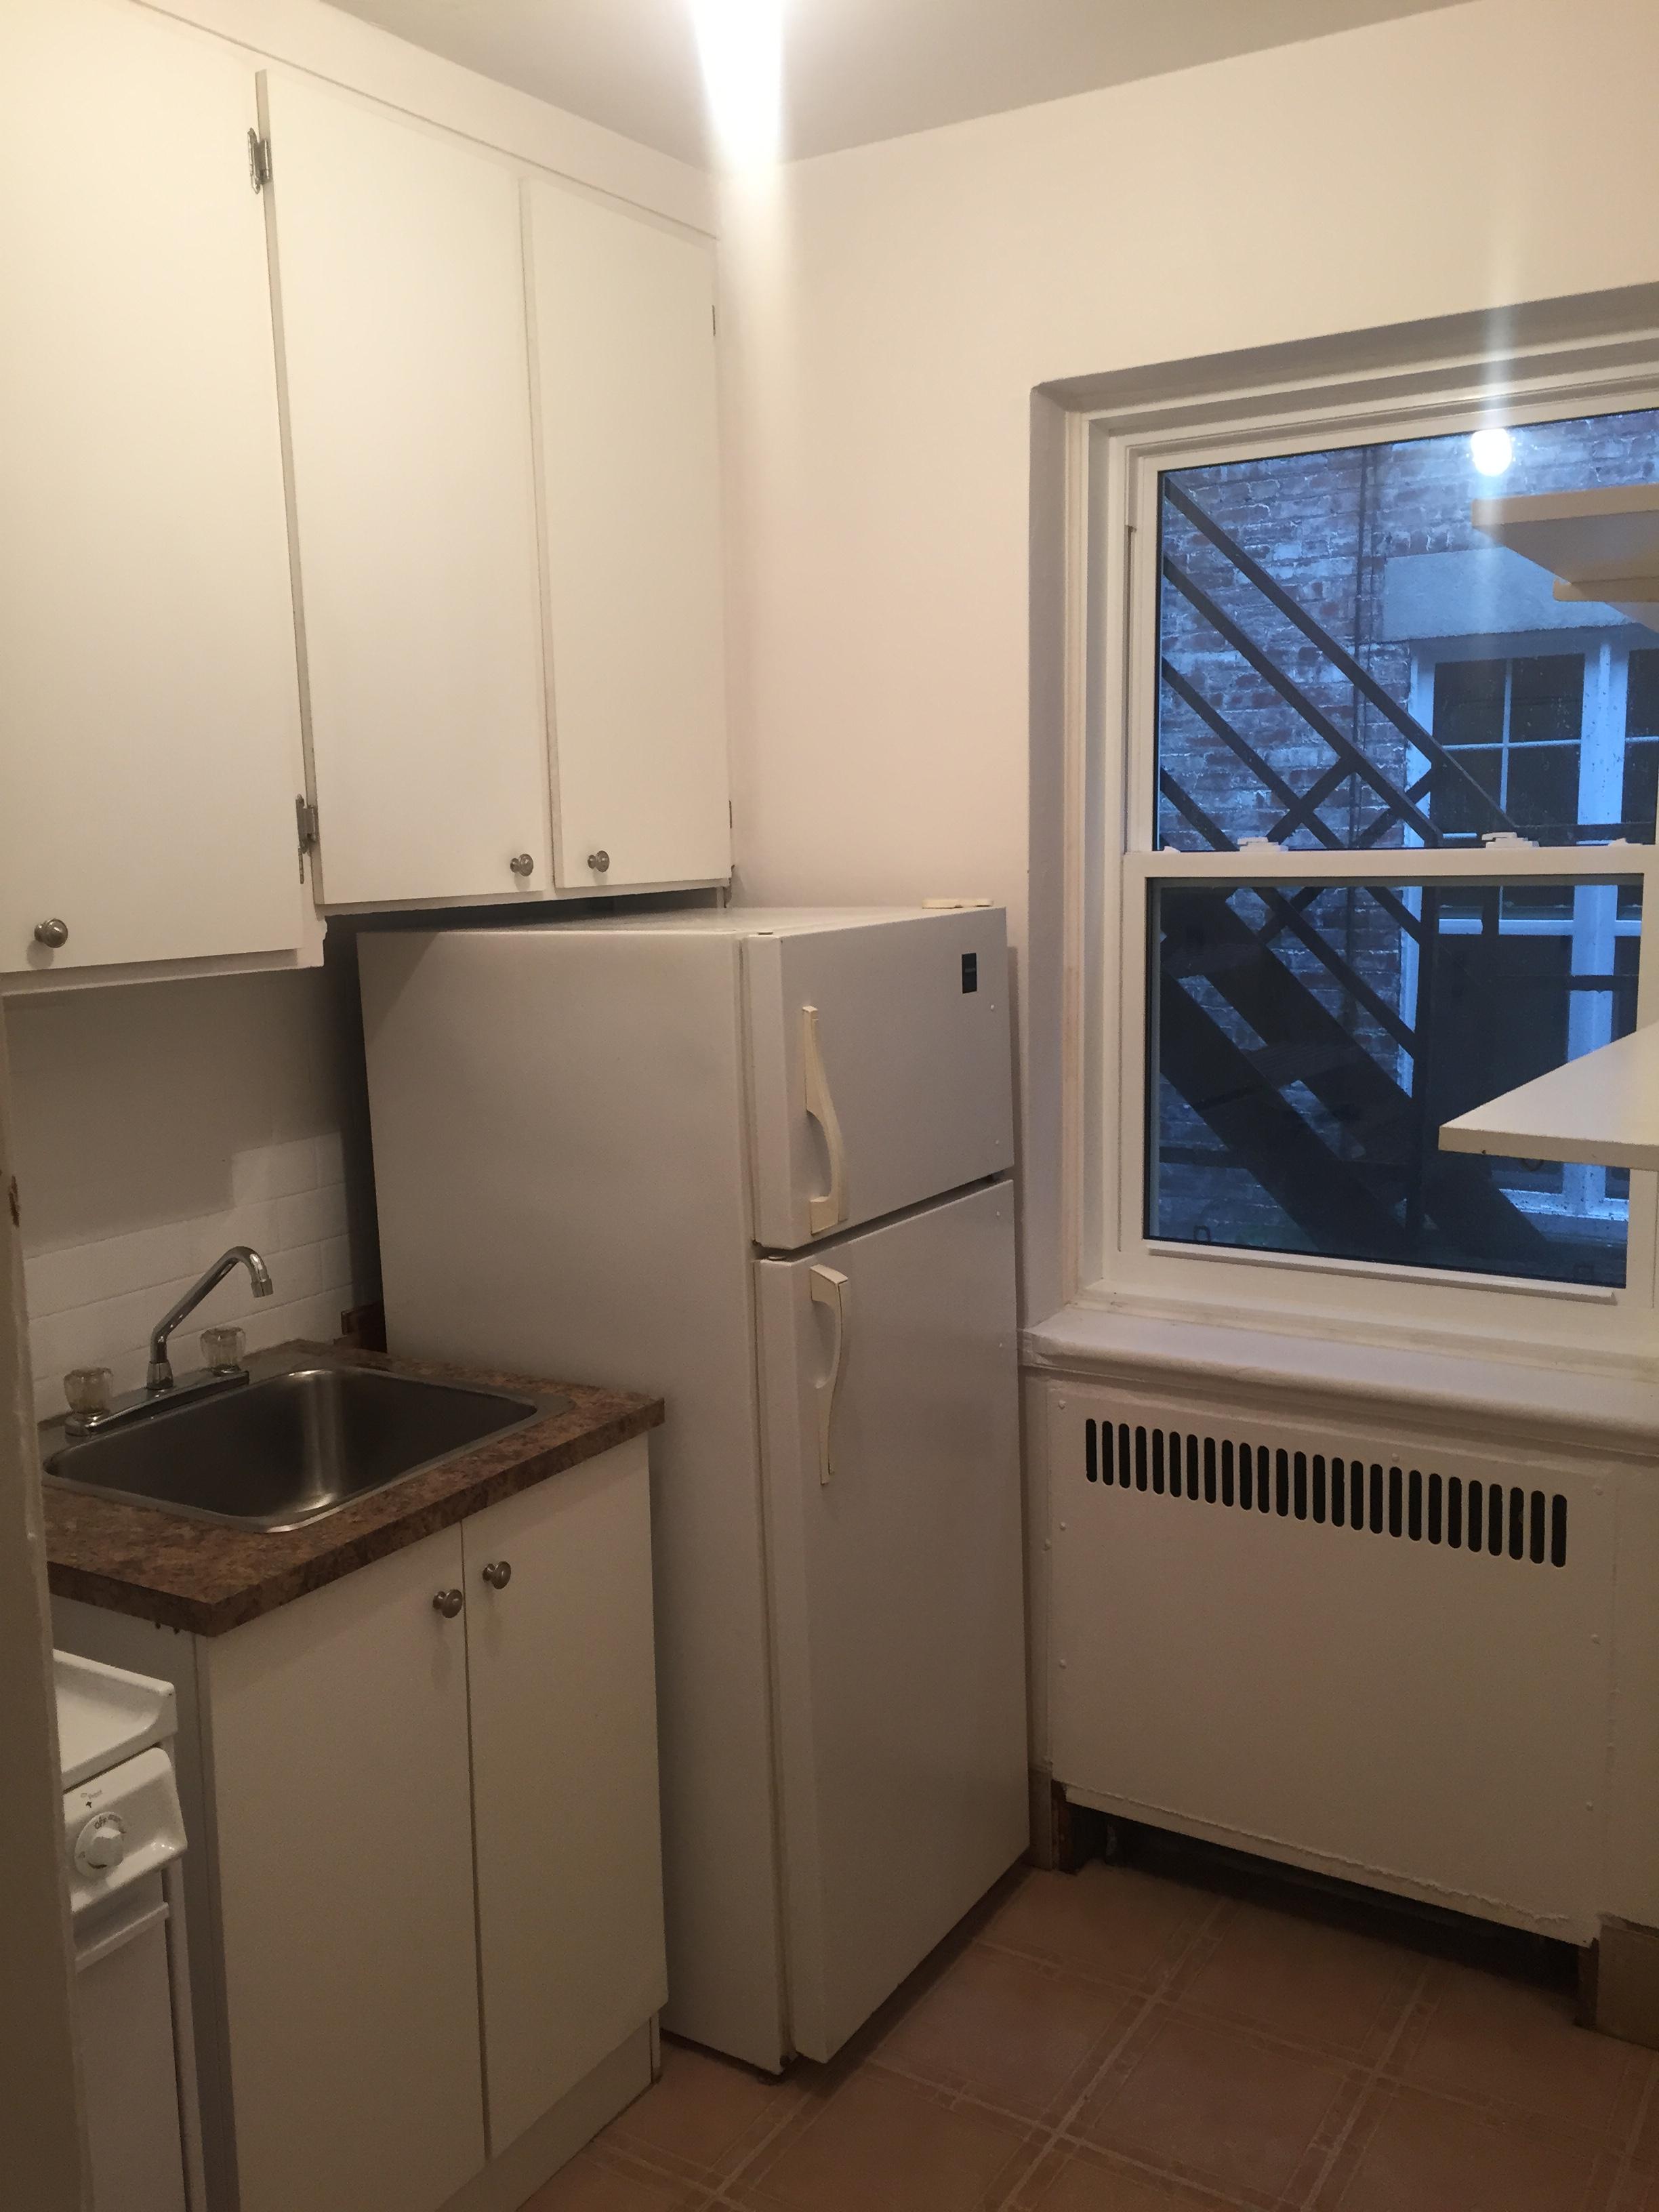 Appartement Studio / Bachelor a louer à Montréal (Centre-Ville) a 2070 Chomedey - Photo 03 - PagesDesLocataires – L112096